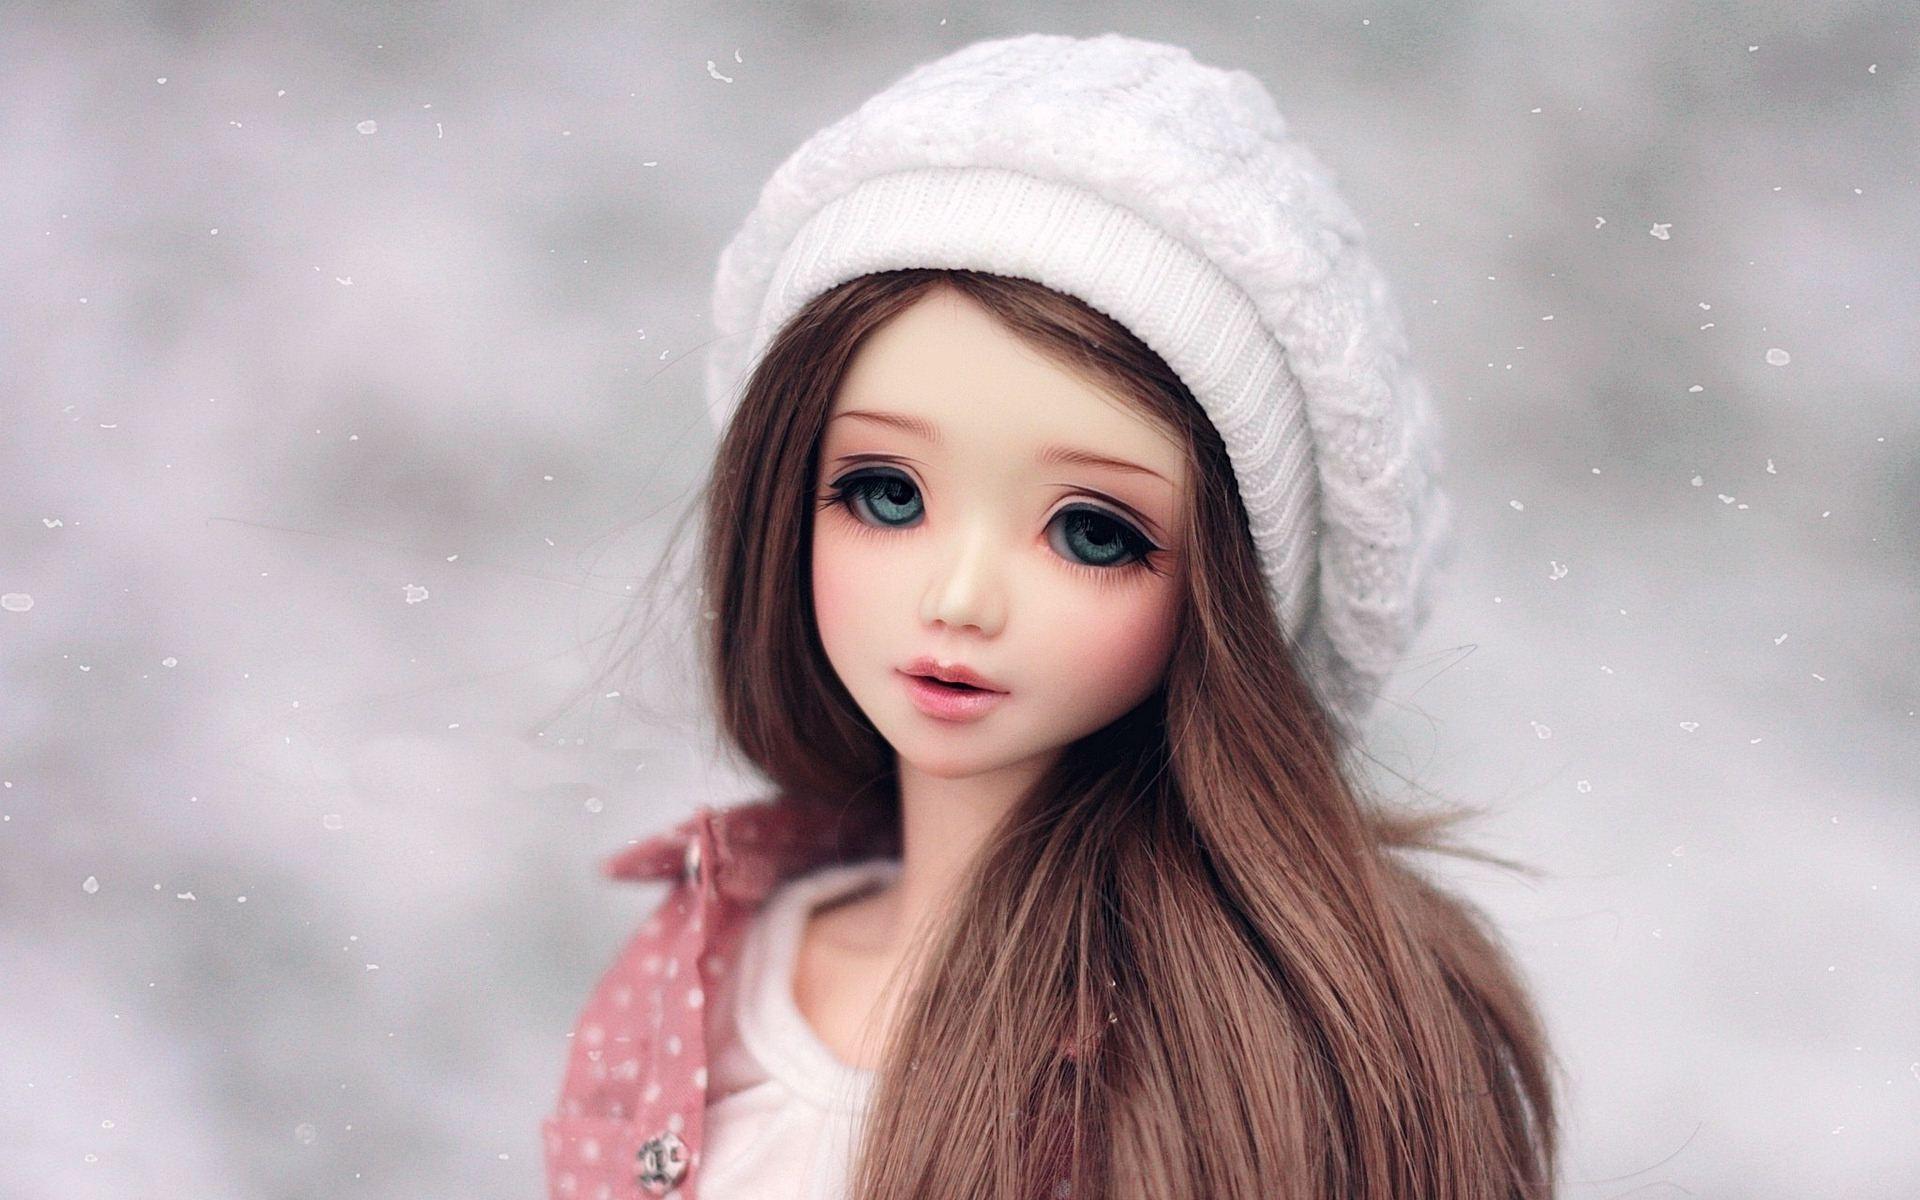 Cute Barbie Doll Wallpaper Hd Free Desktop Barbie Wallpaper Pixelstalk Net